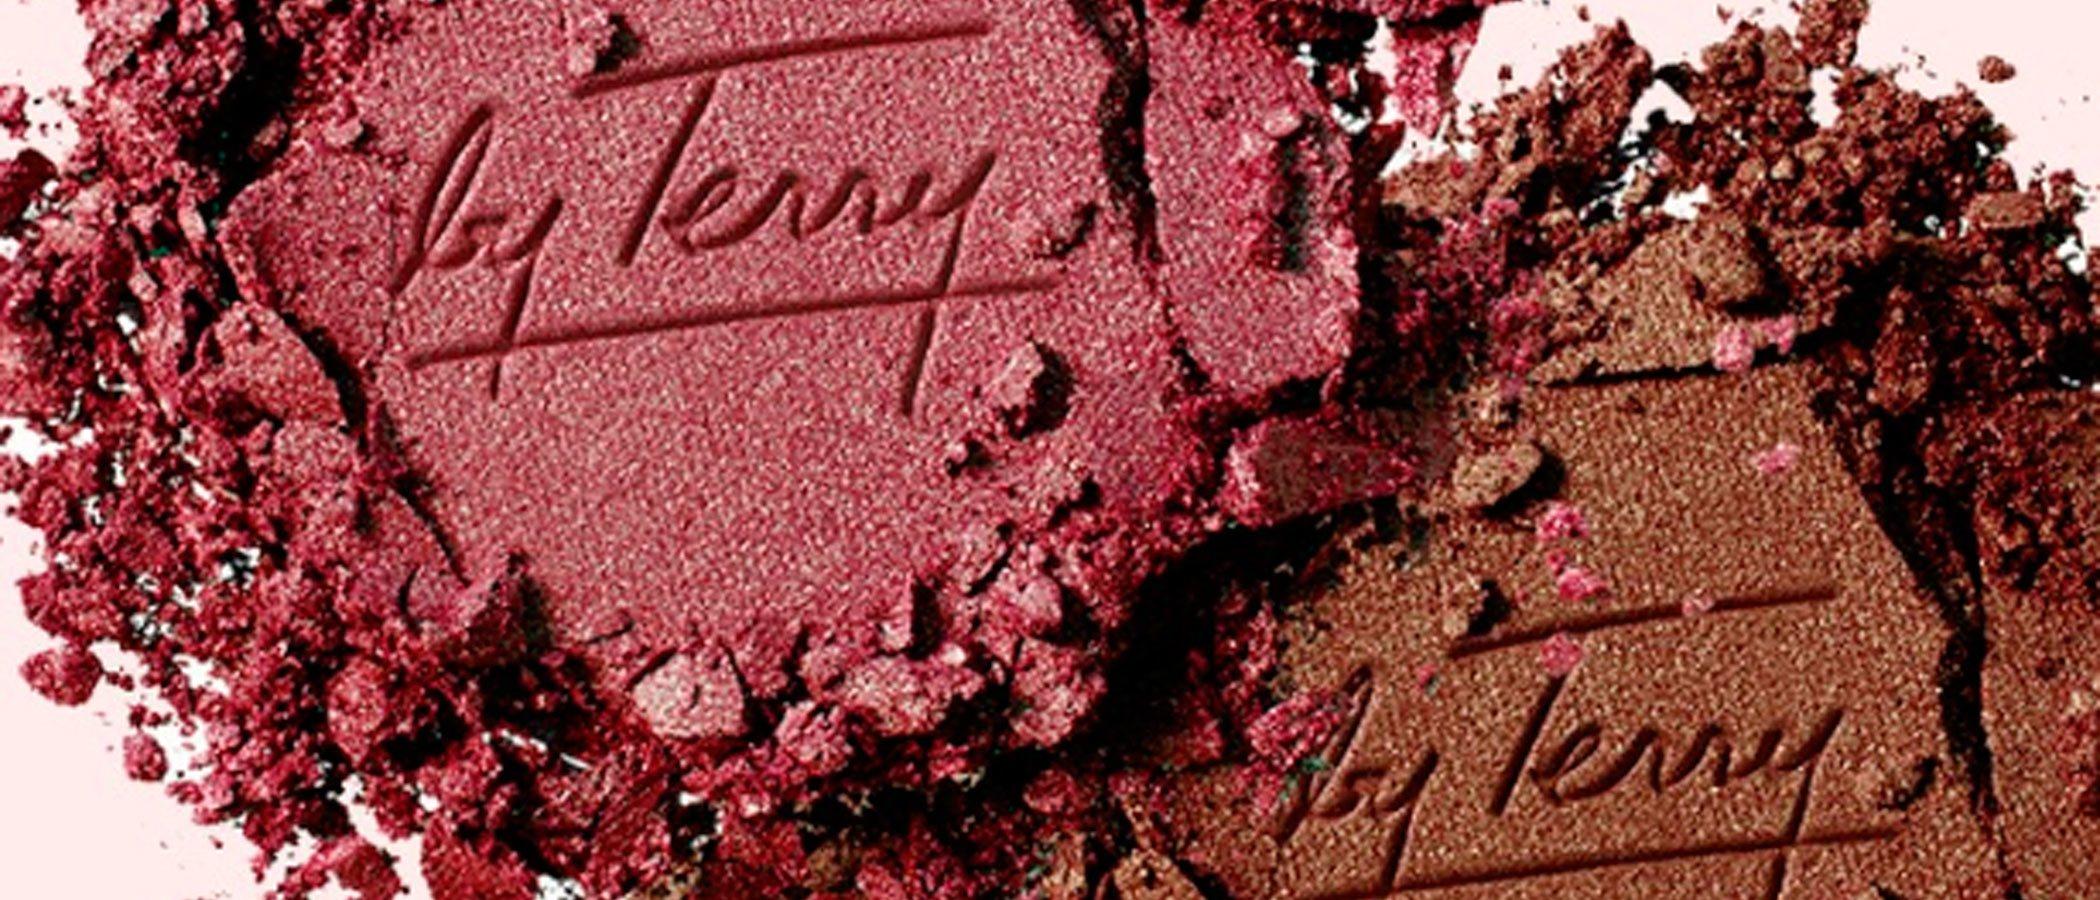 La nueva paleta de sombras de By Terry es todo lo que necesitas para destacar en otoño 2019